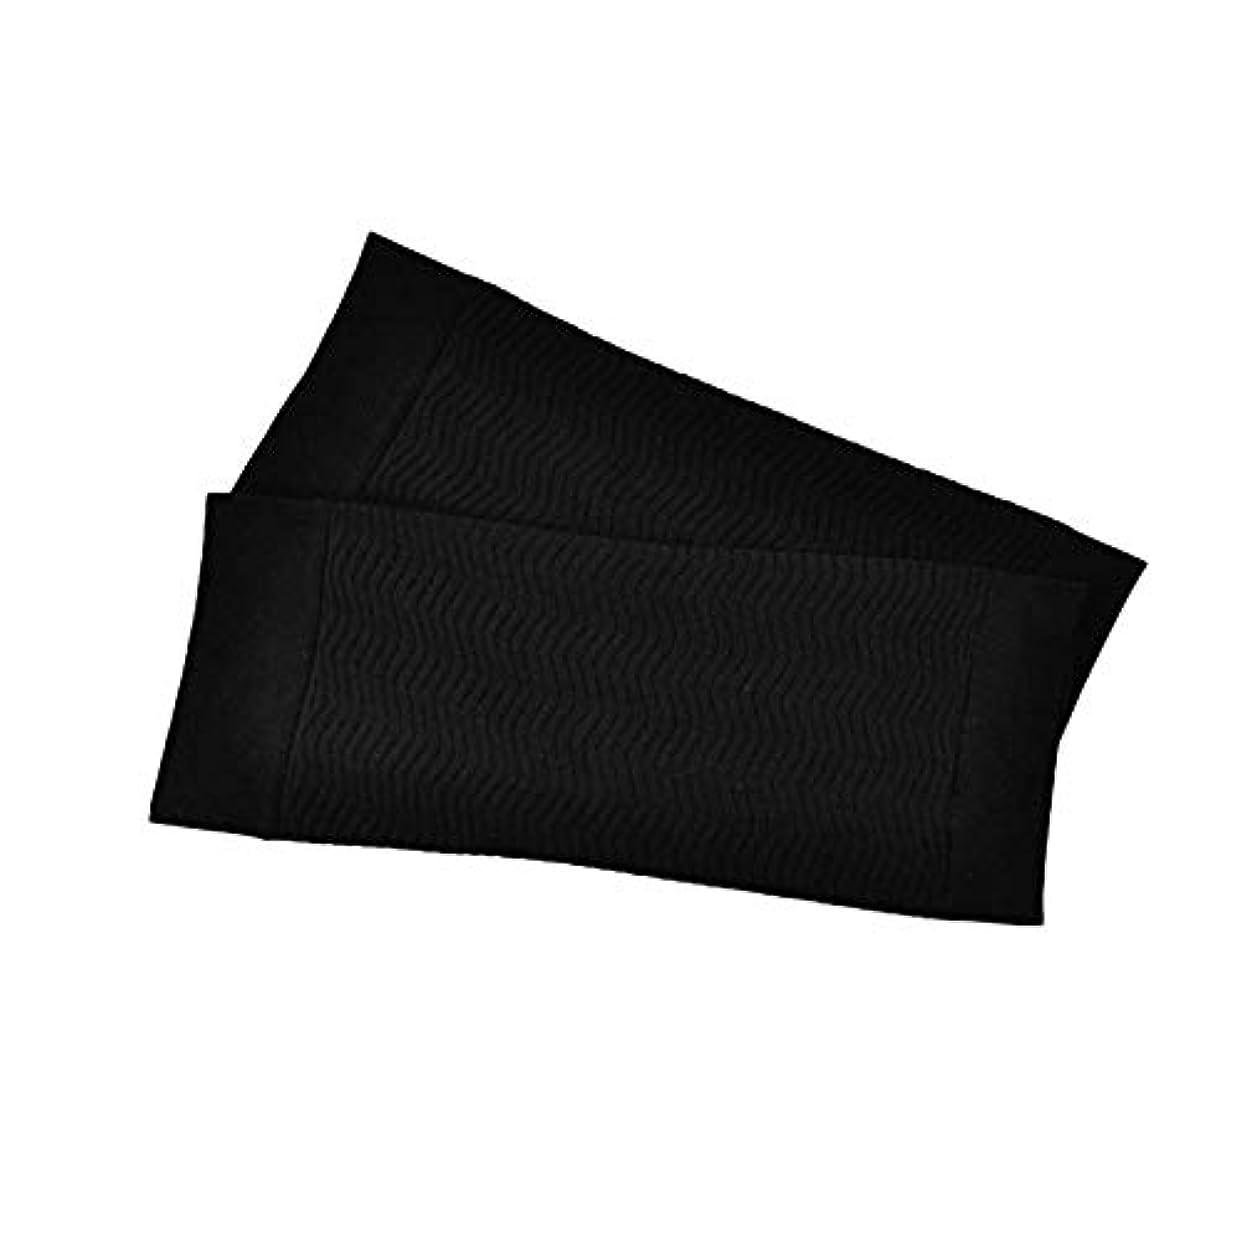 アリペルセウス変わる1ペア680 D圧縮アームシェイパーワークアウトトーニングバーンセルライトスリミングアームスリーブ脂肪燃焼半袖用女性 - ブラック